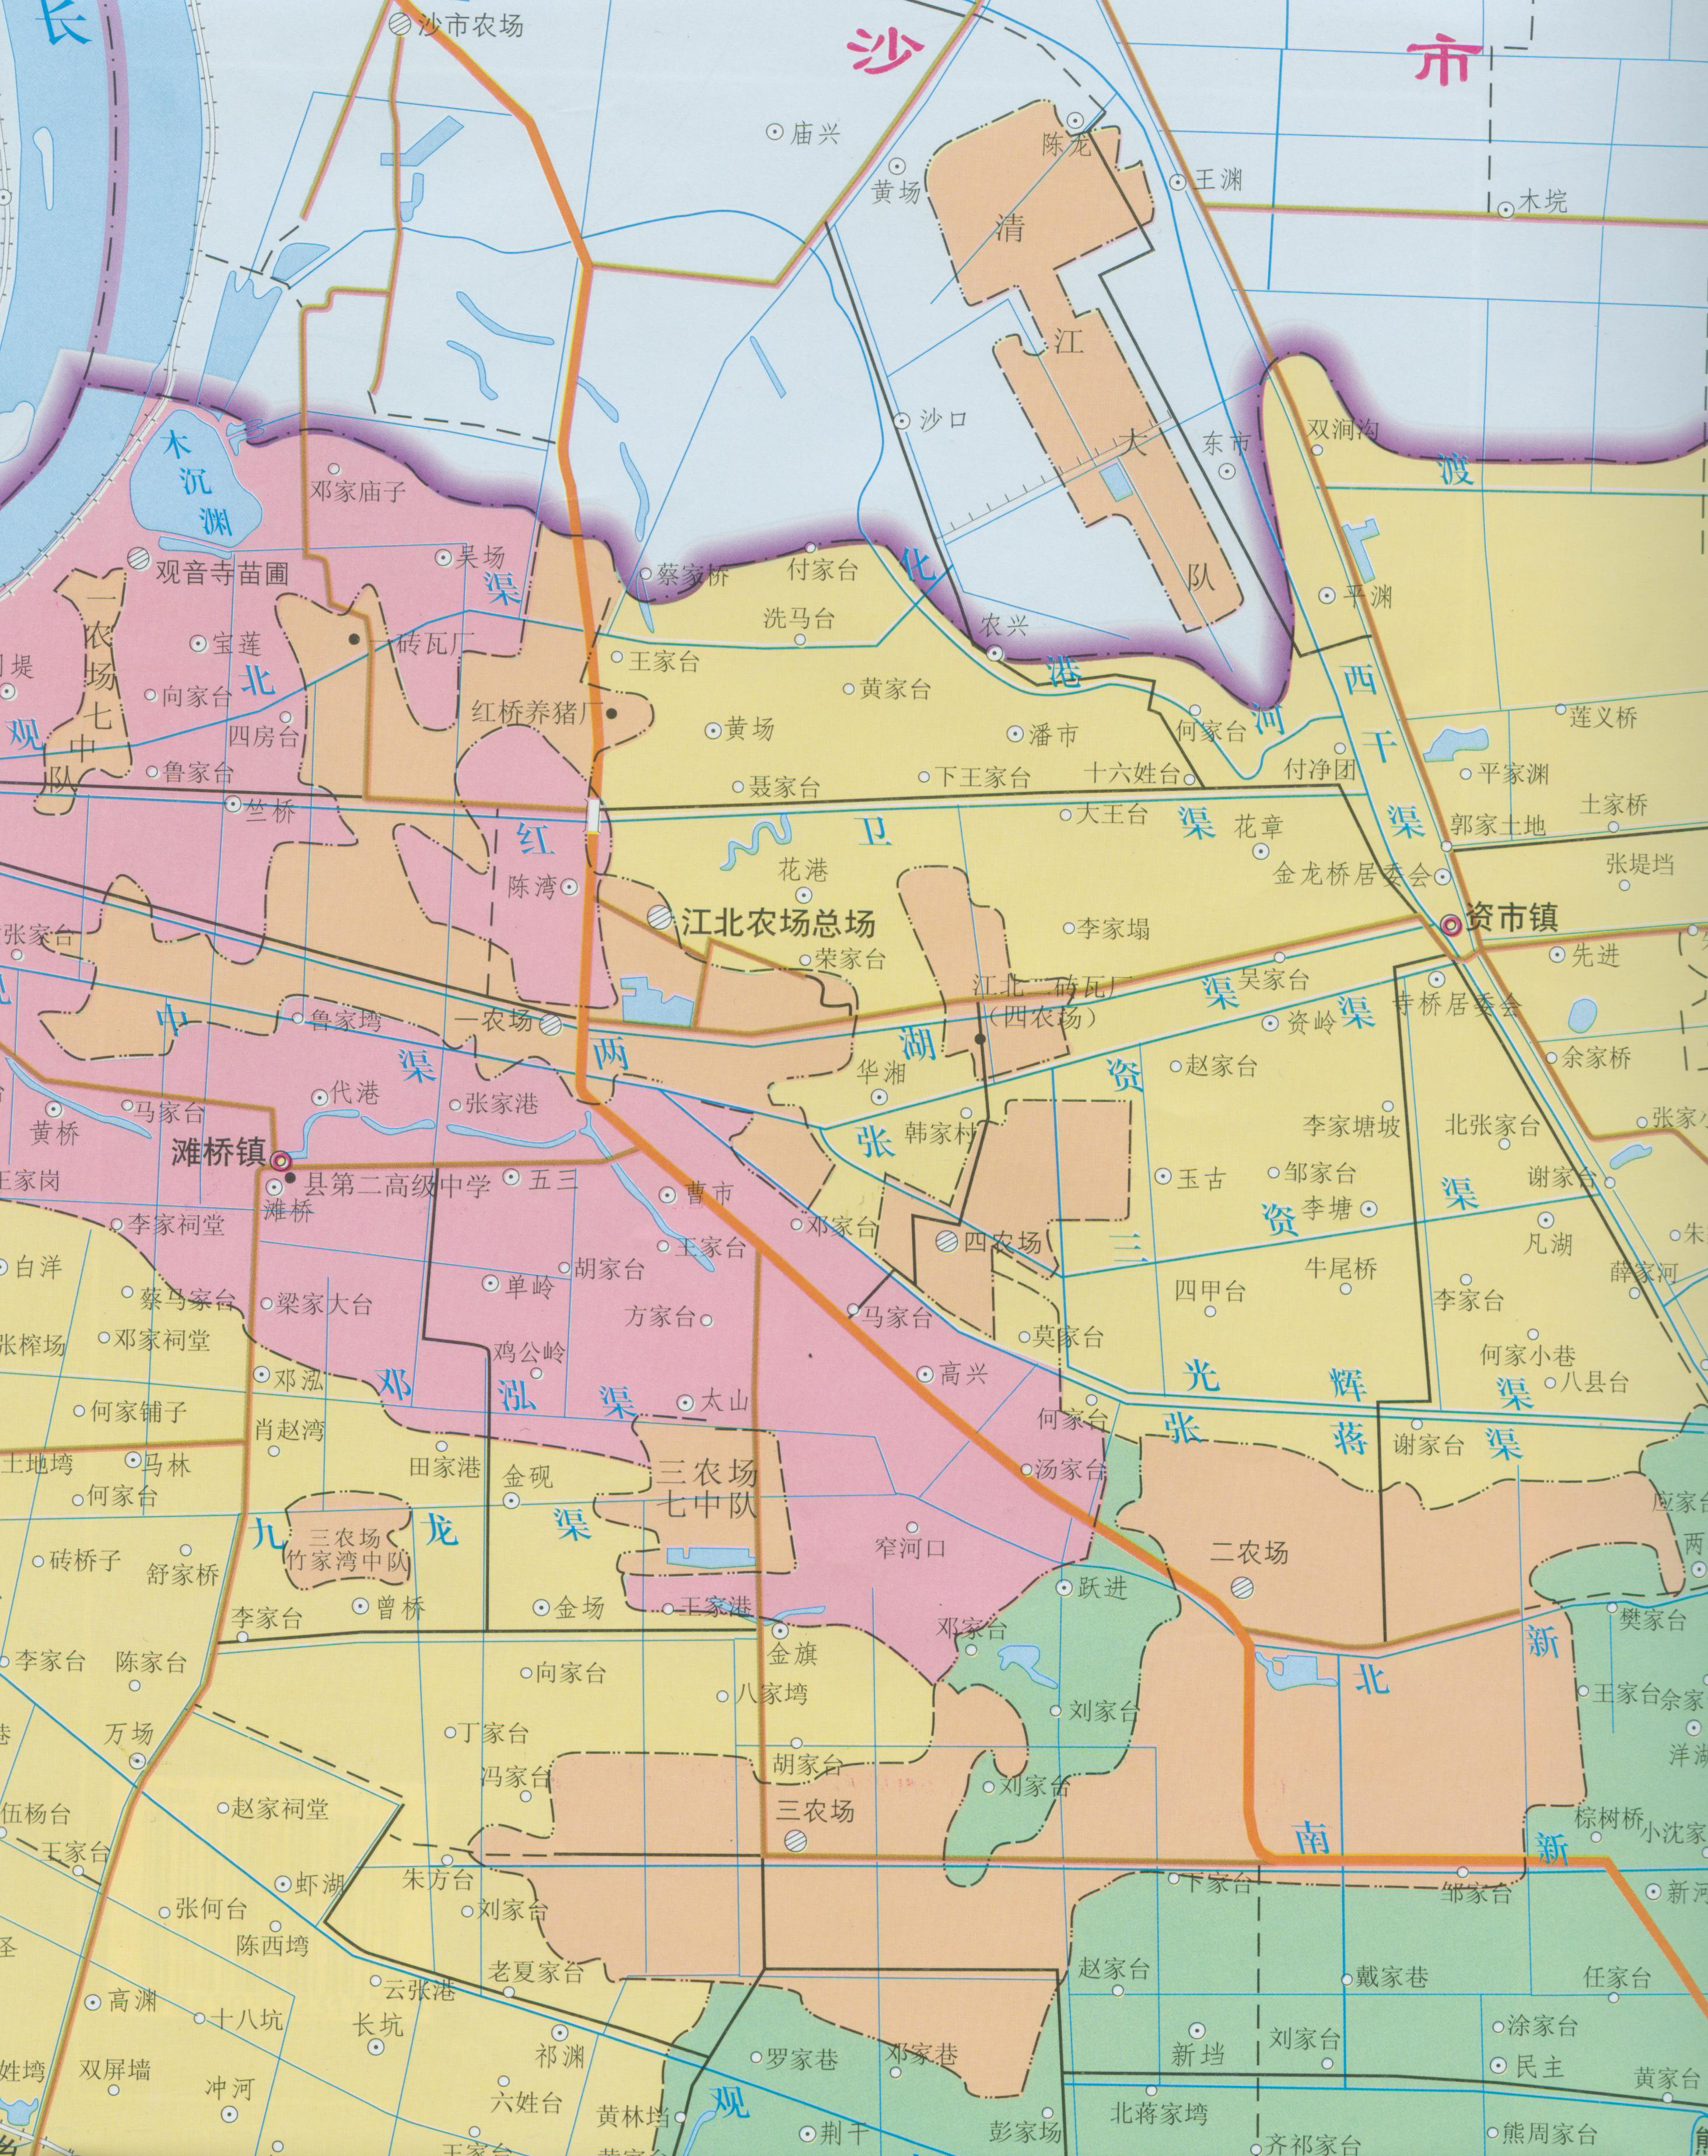 江北农场地图